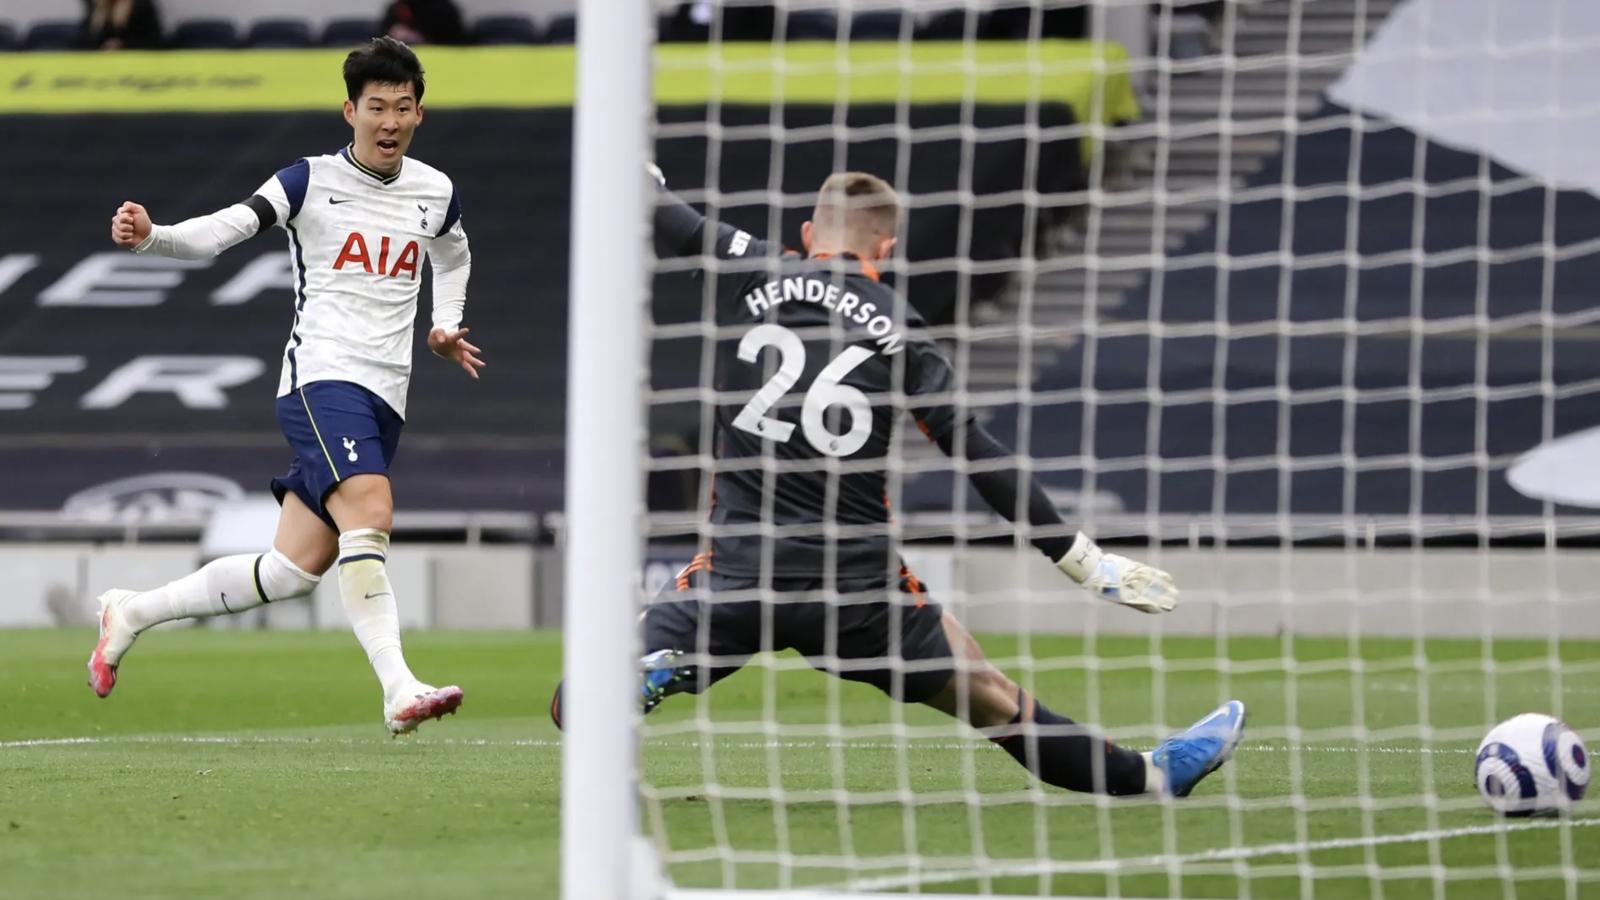 TRỰC TIẾP Tottenham 1 - 0 MU: Son Heung-min mở tỷ số